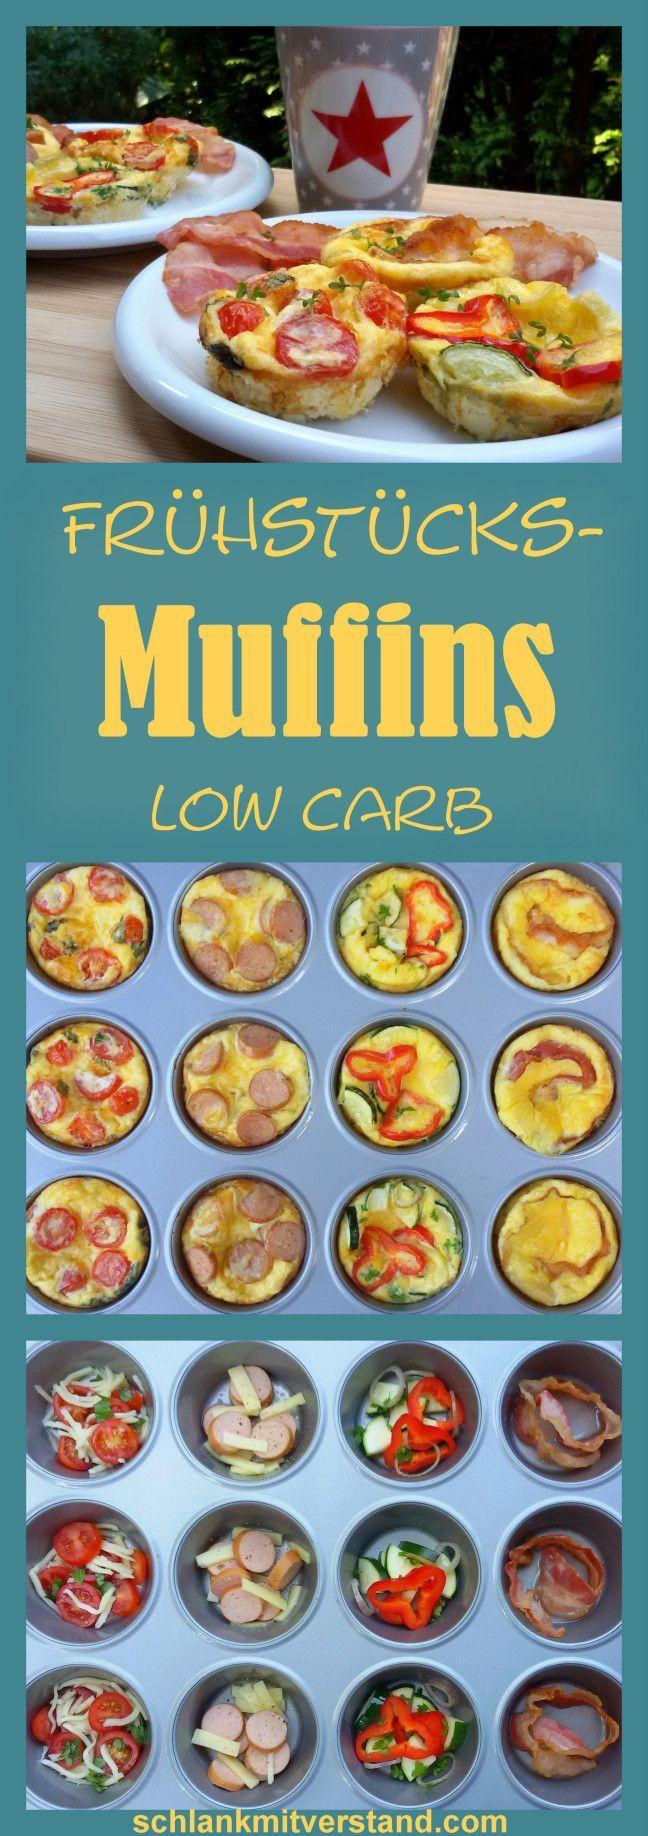 mit Ei low carb fruhstucksmuffins-low-carb-1EI  EI or Ei may refer to: